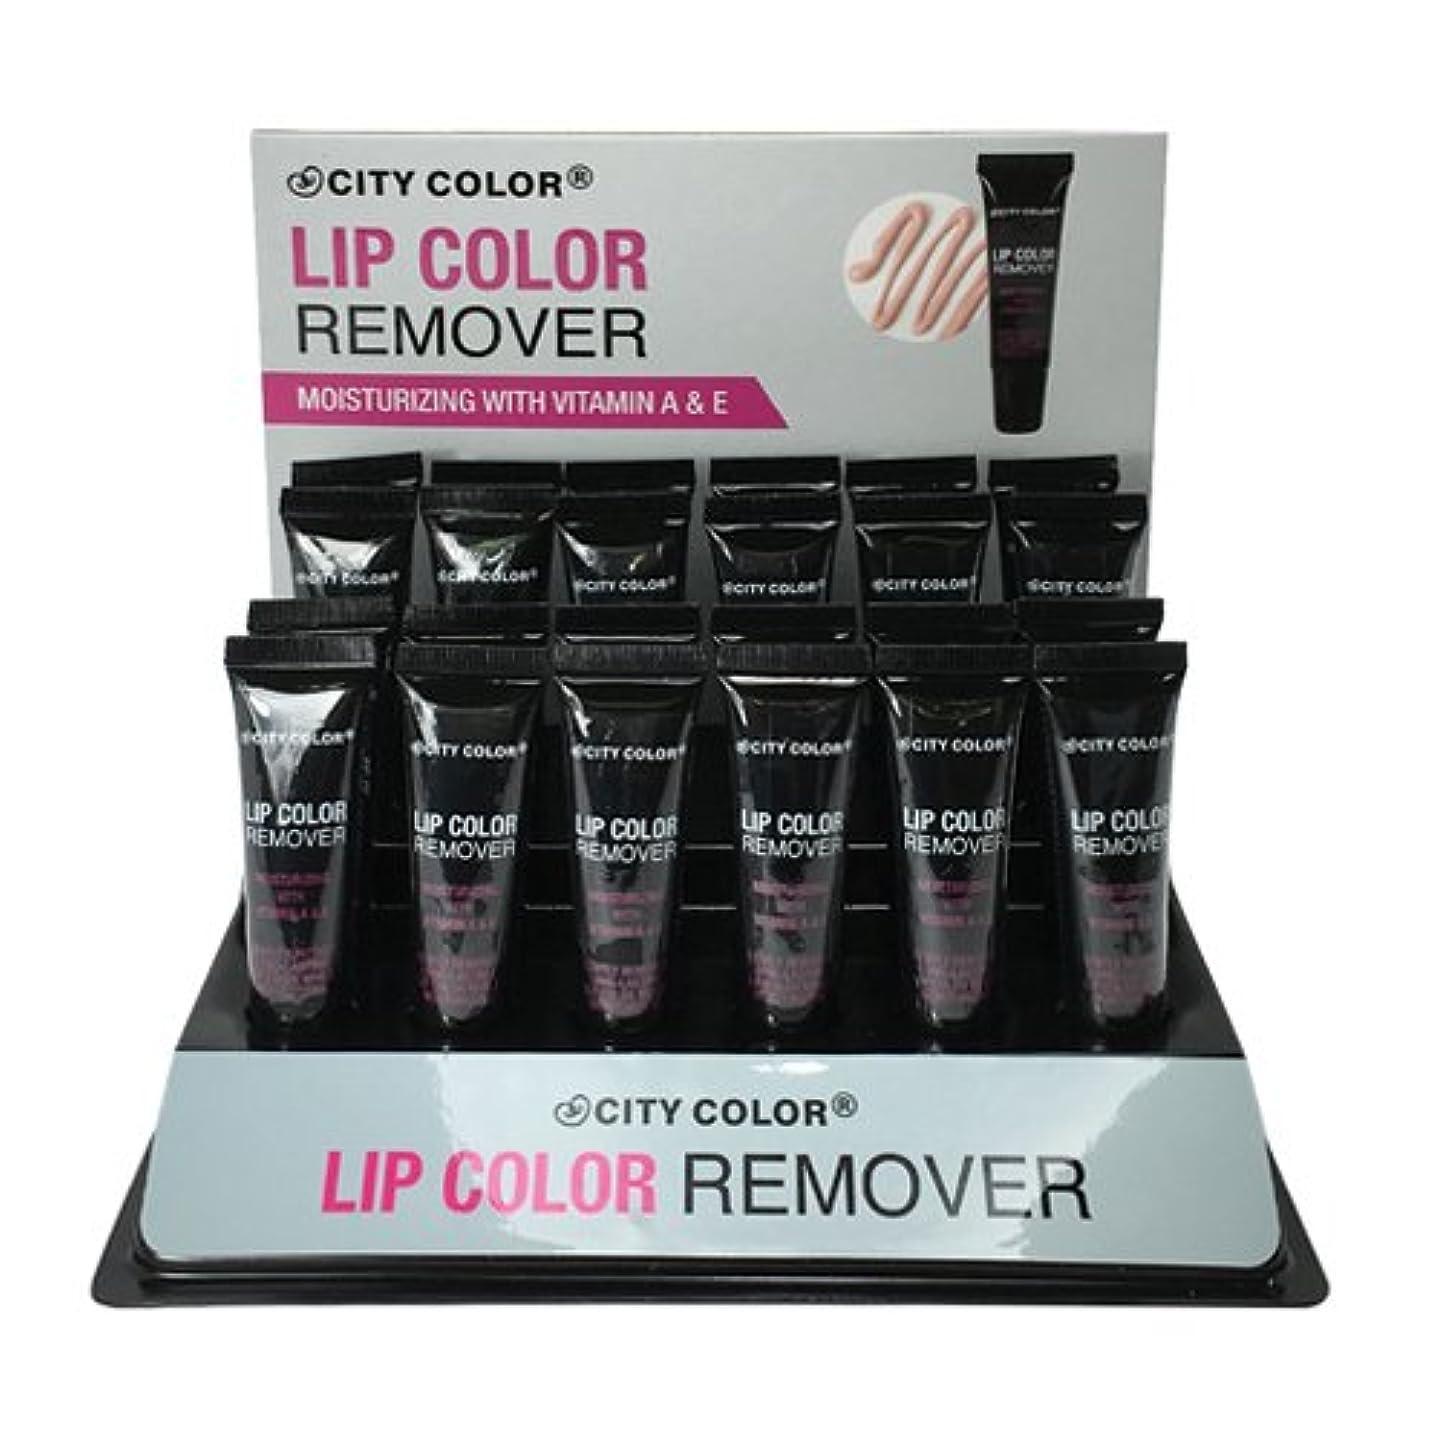 変わる寺院夜明けCITY COLOR Lip Color Remover Display Set - 24 Pieces (並行輸入品)